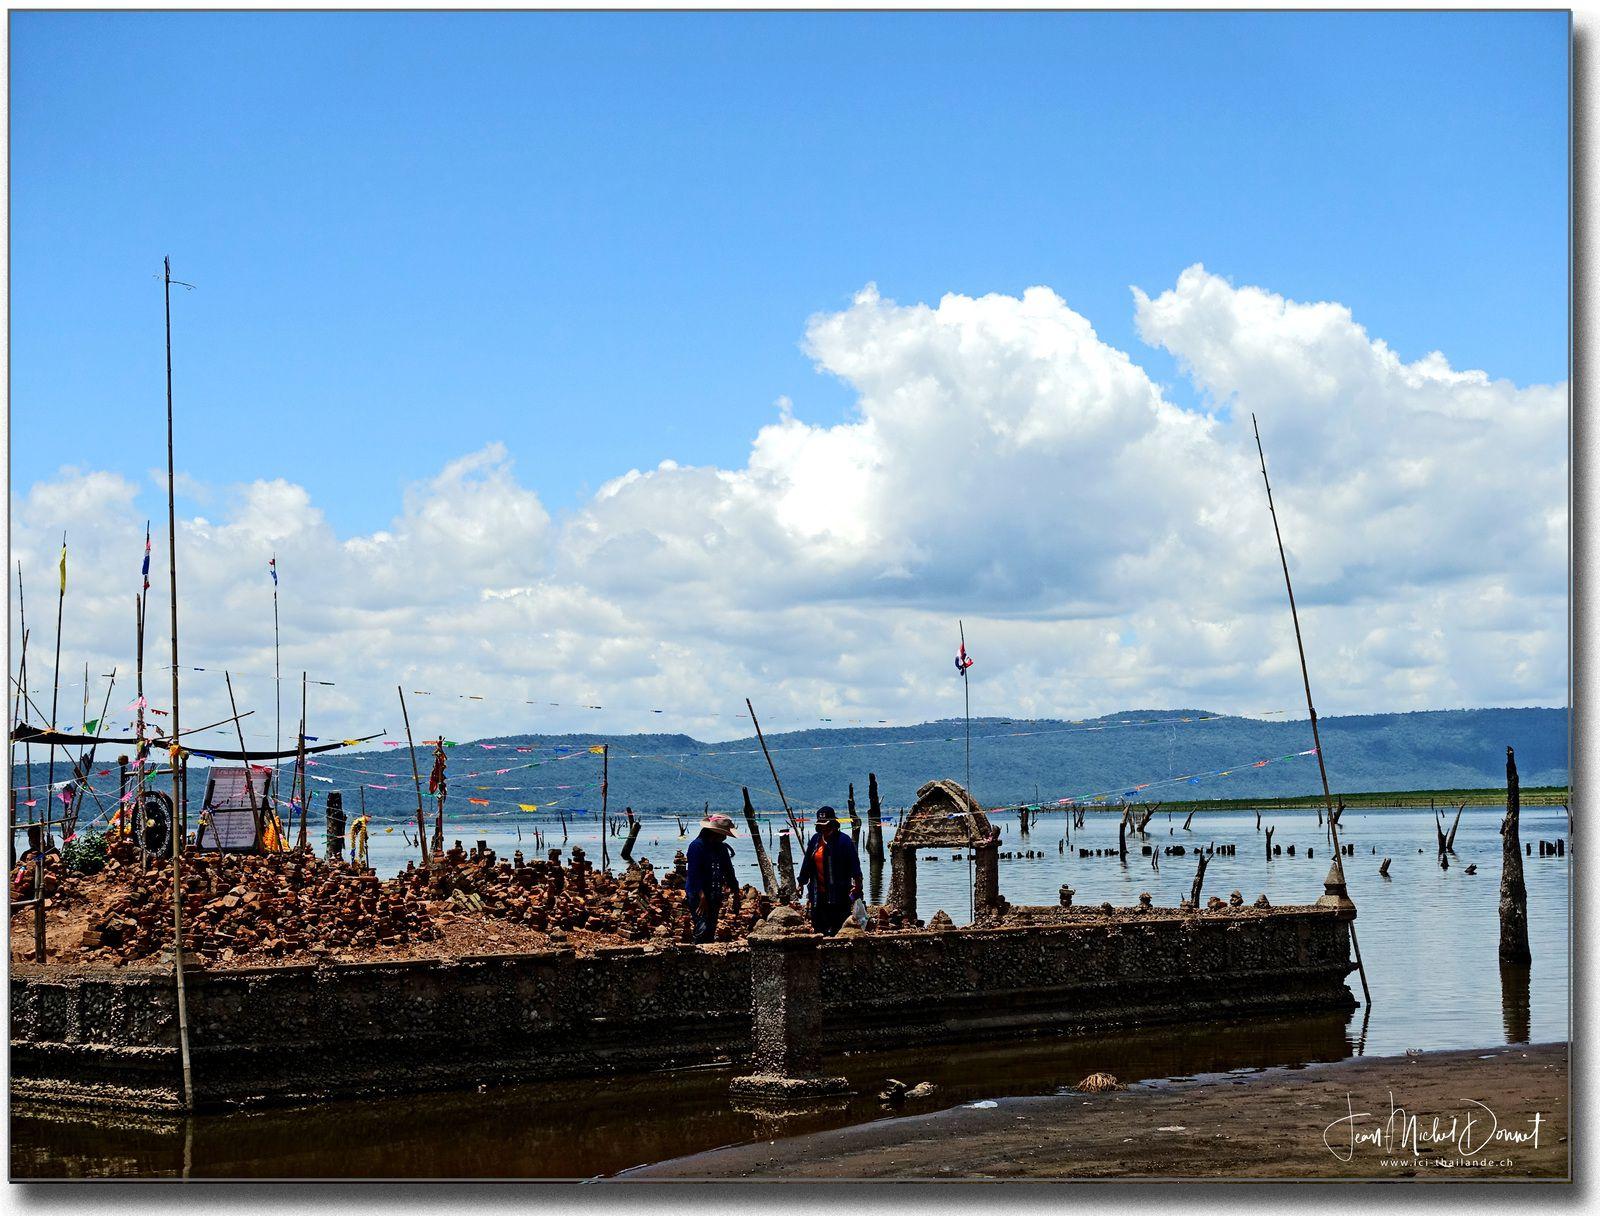 Le temple du lac d'ubolratana Dam (Thaïlande, Issan)